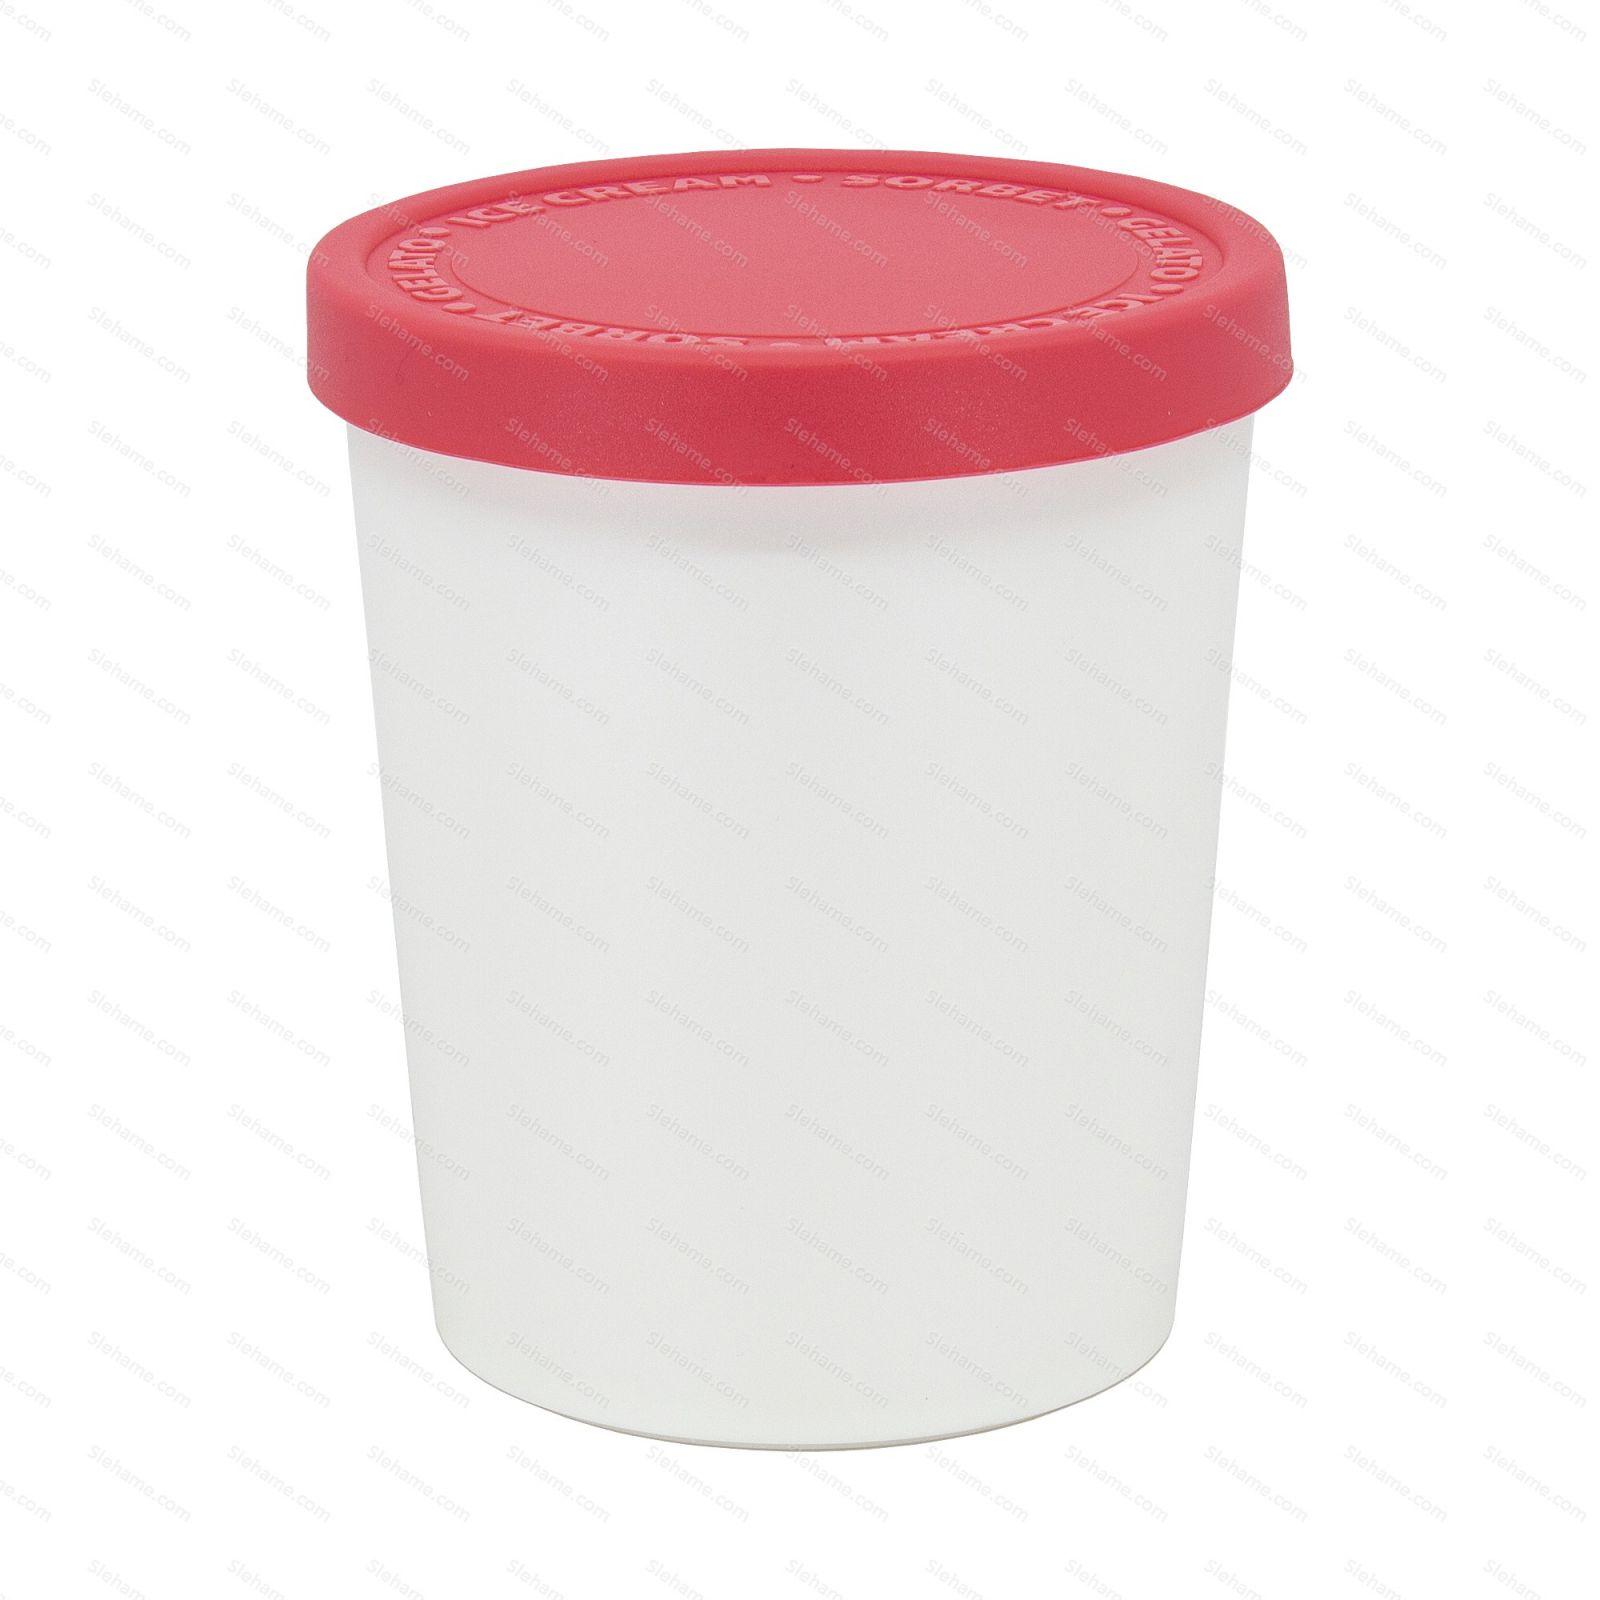 Téglik na zmrzlinu Tovolo SWEET TREAT 1.0 l, jahoda